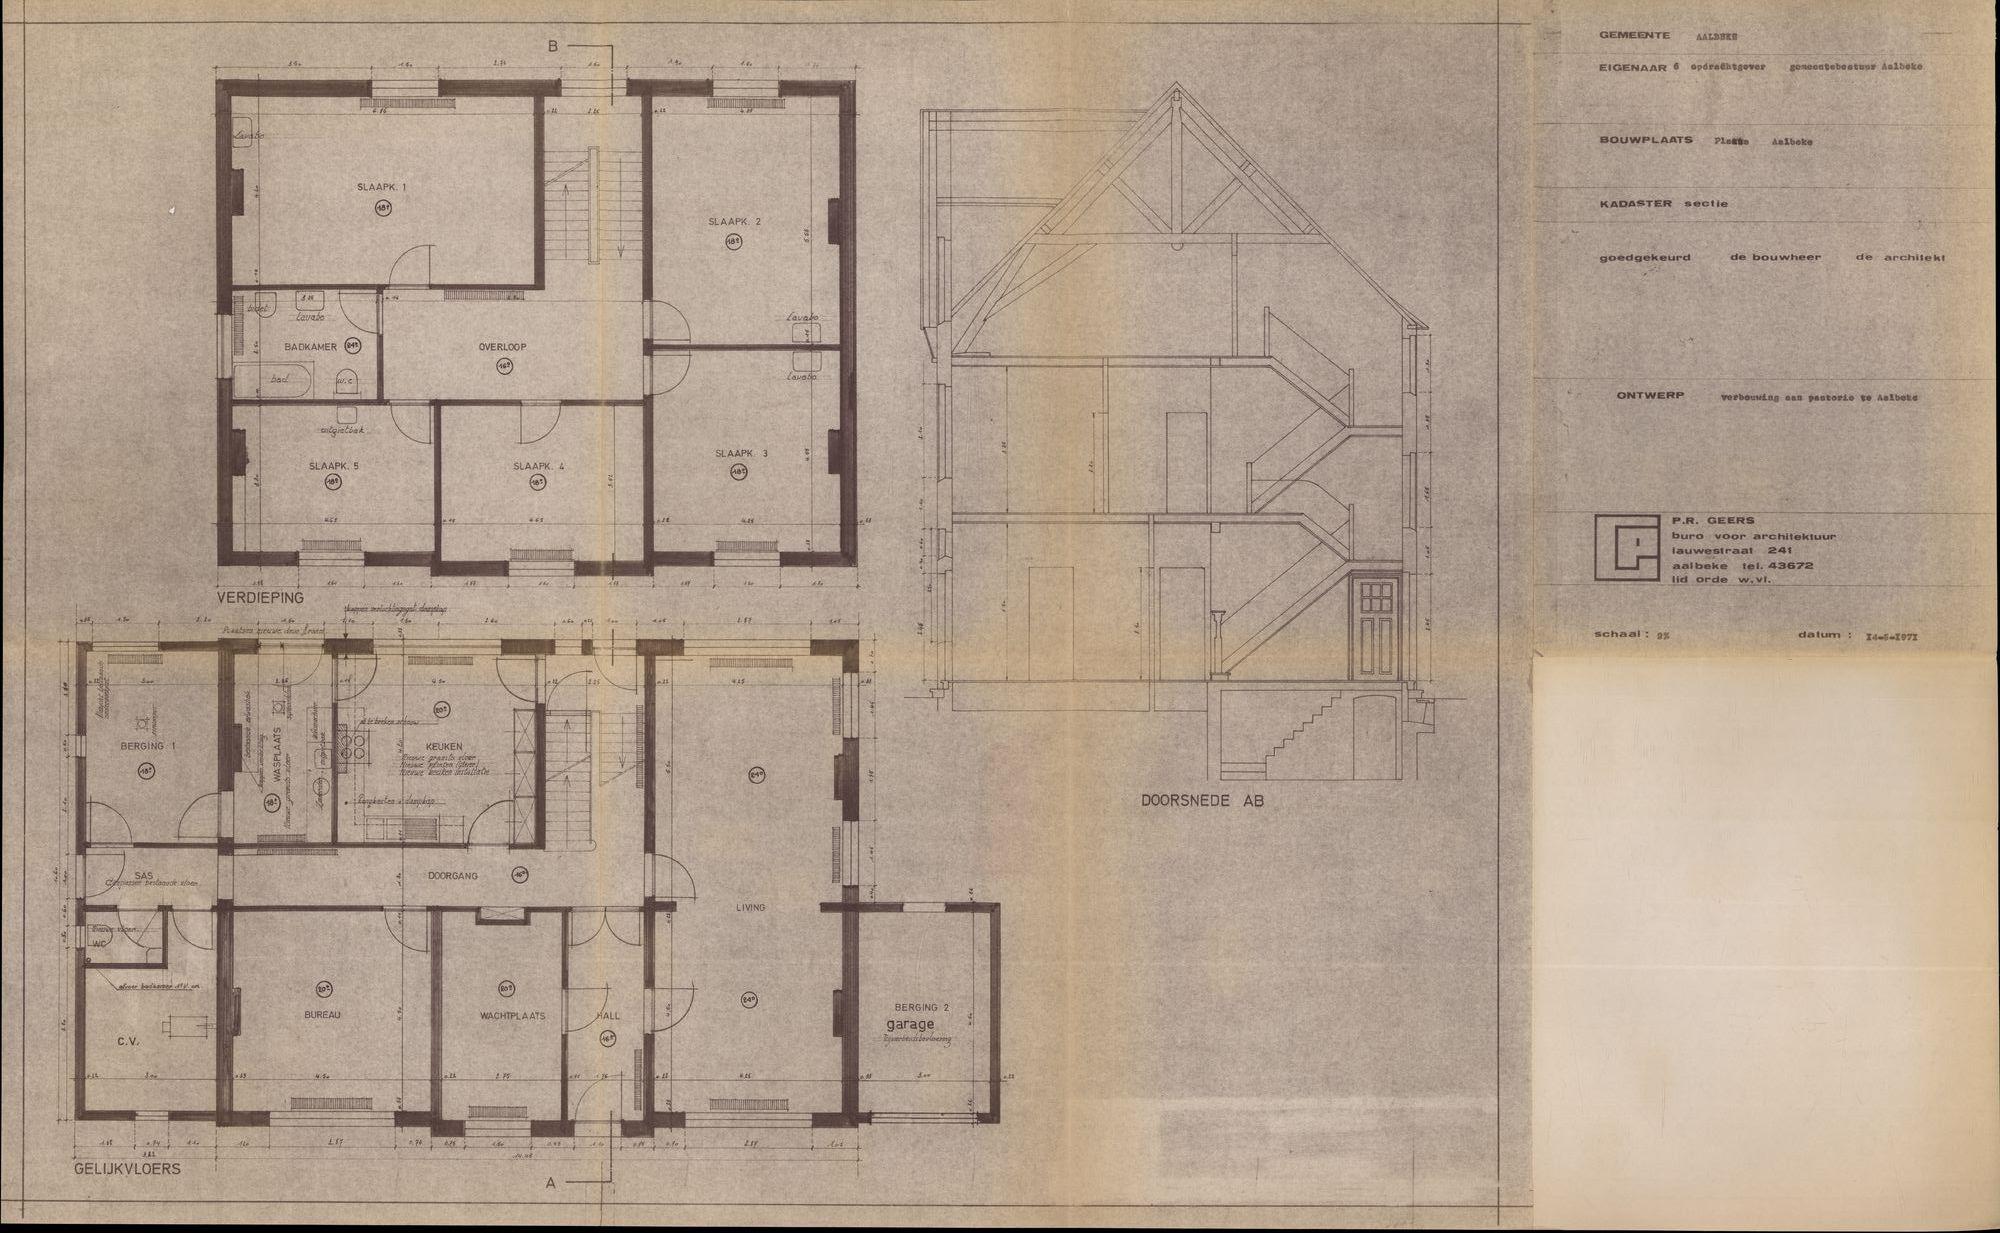 Bouwplannen voor de verbouwing van de pastorie te Aalbeke, 1971